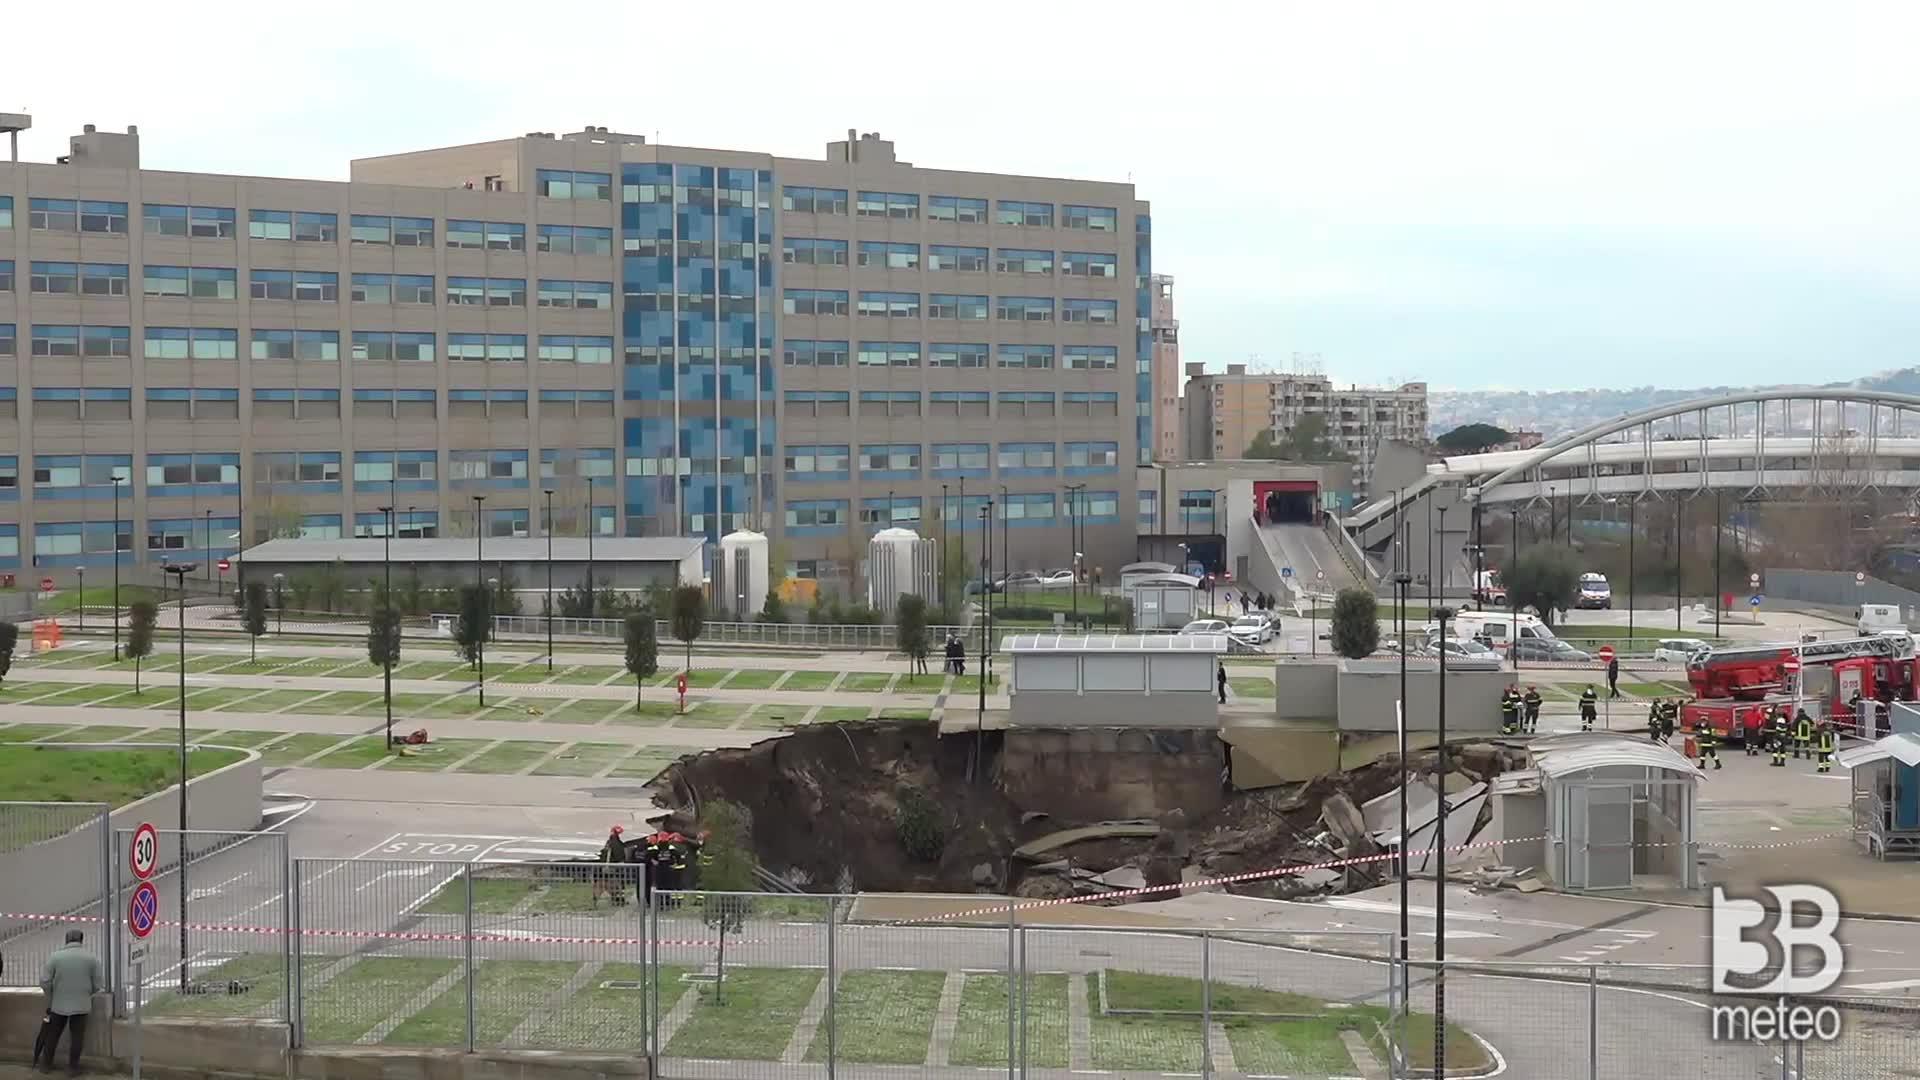 Napoli, unità cinofile vvf: verifiche nel cratere voragine